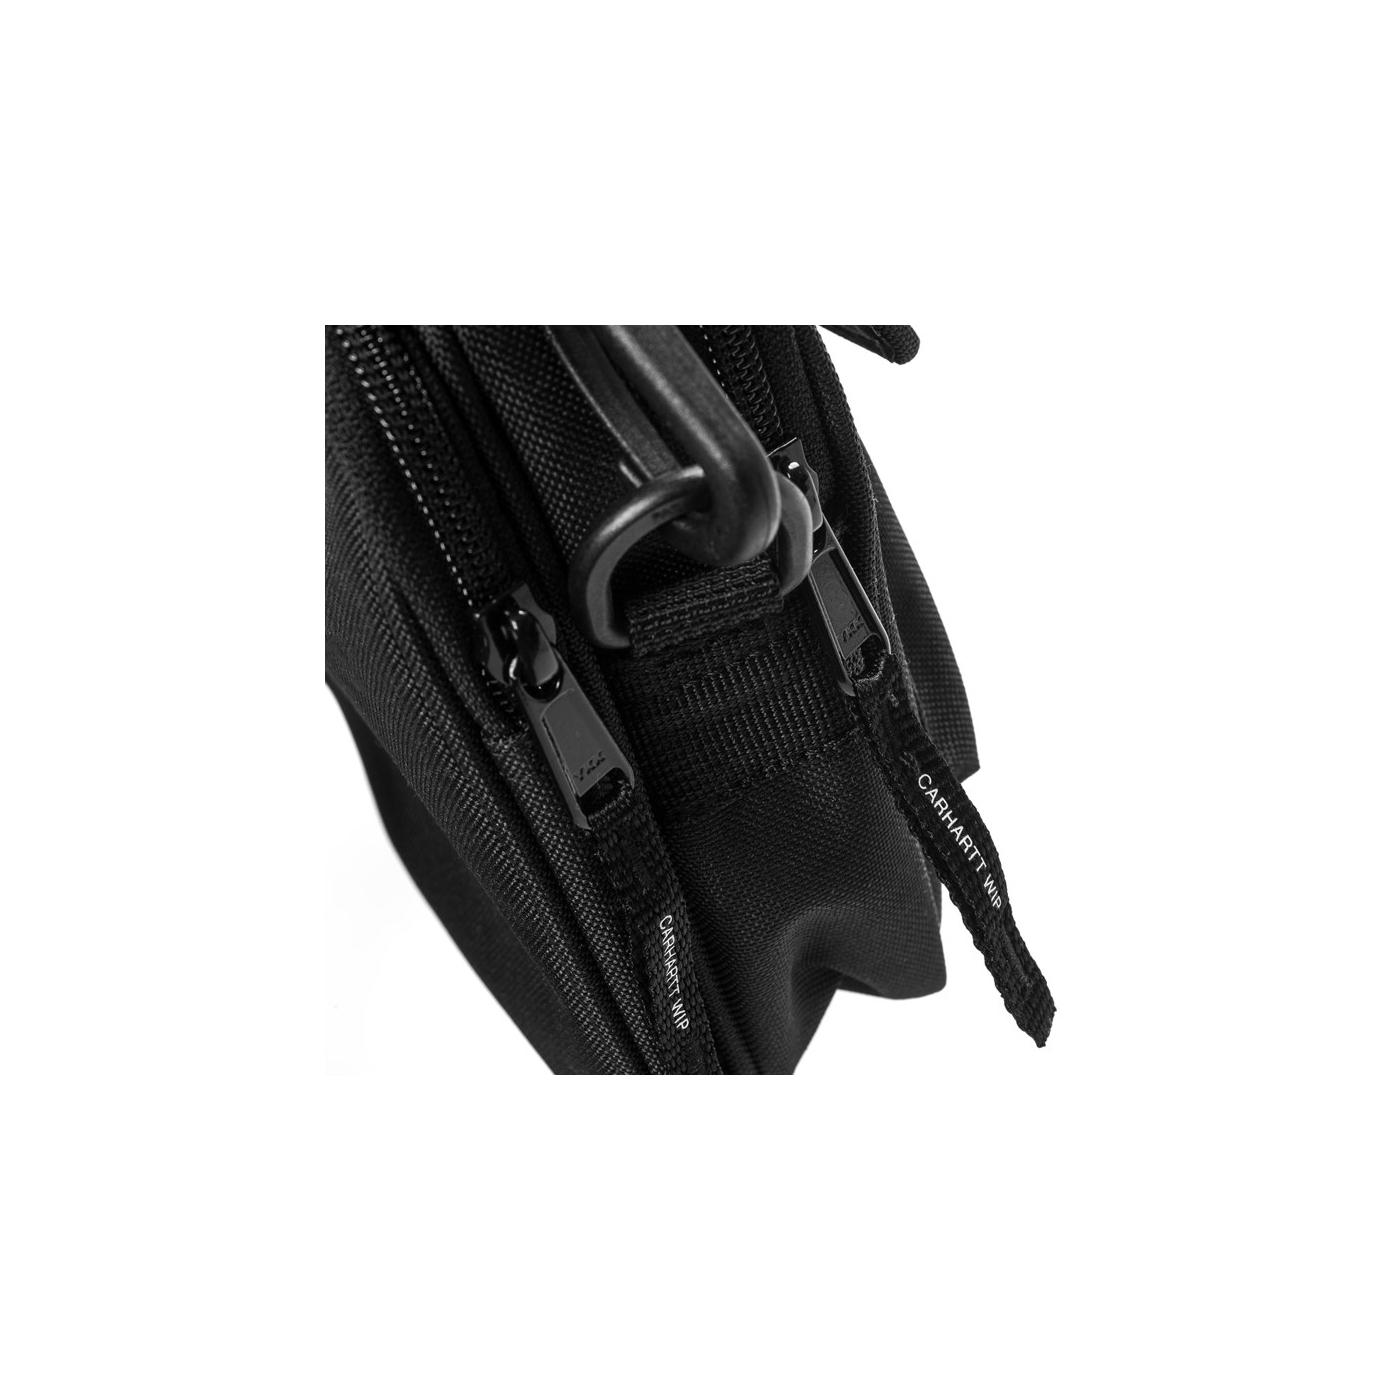 ZEWOO Vacances Fourre Sac de Plage Sac fourre-tout parfait Pochette sac /à Main Sac de Shopping Pour Femme et Filles